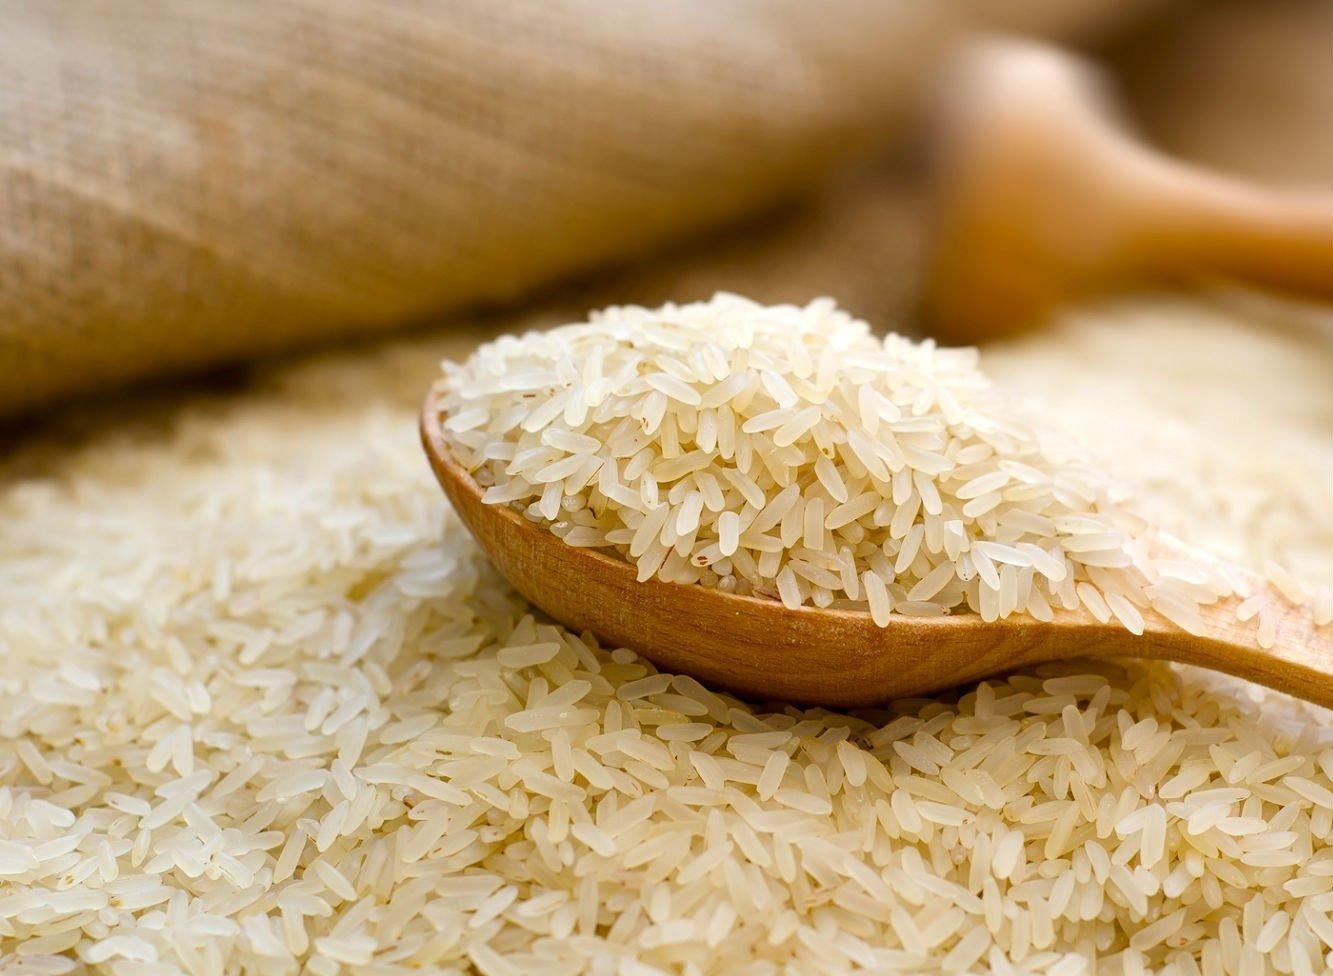 Как избавиться от соли в организме народными средствами